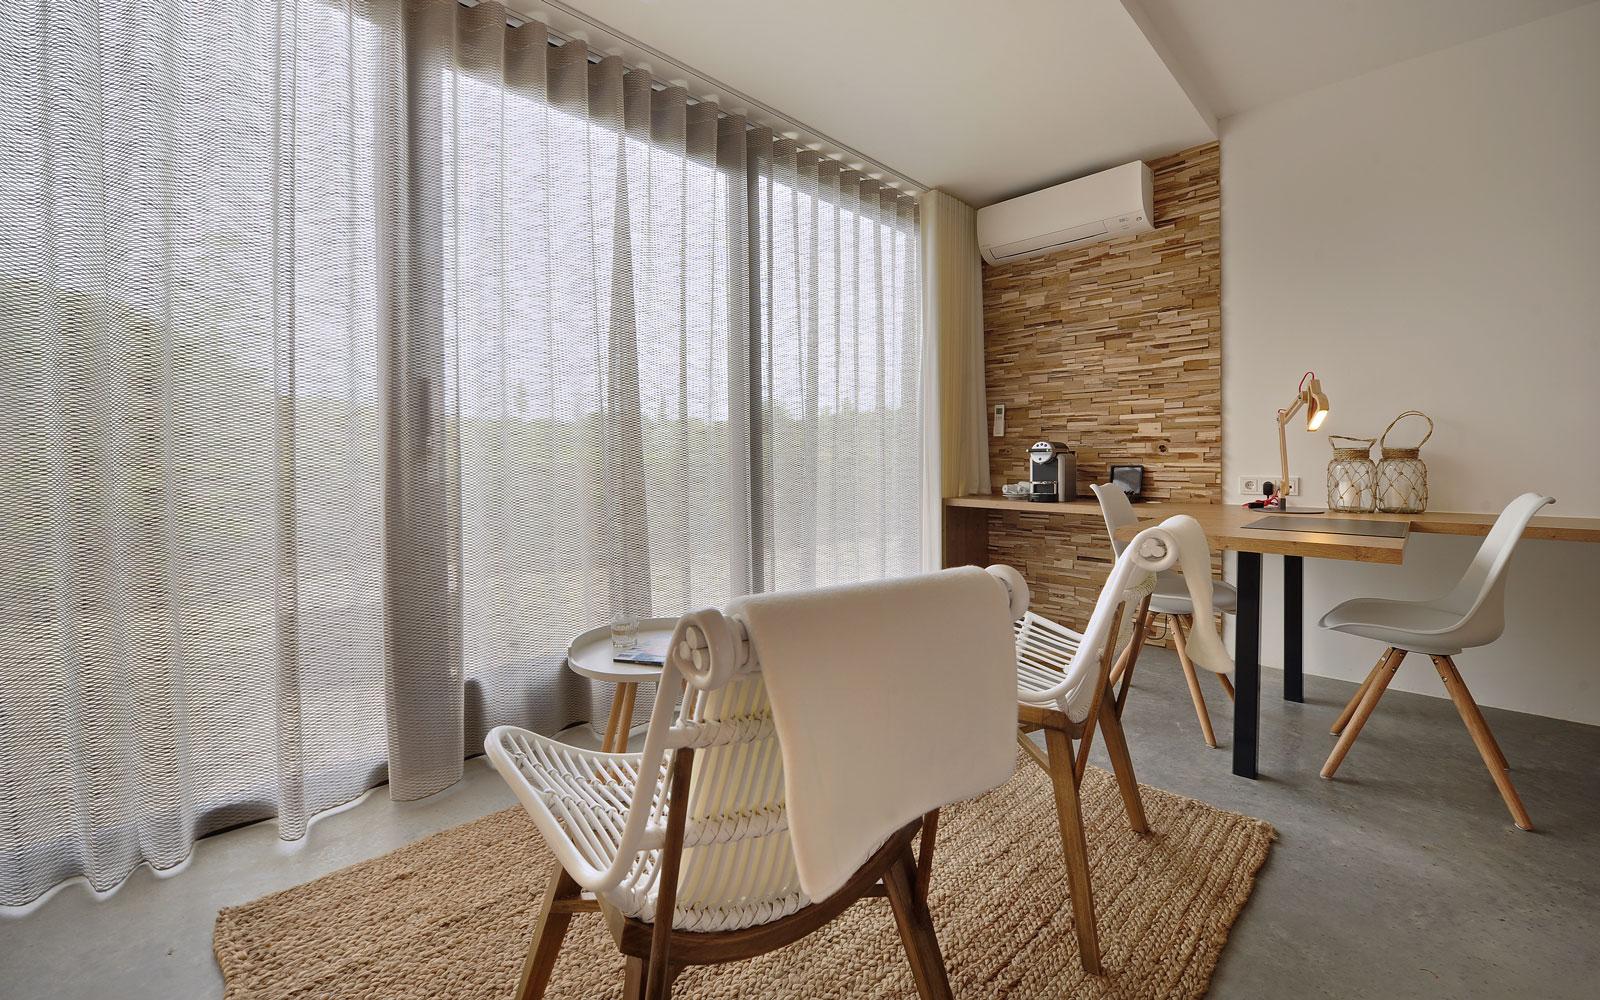 Ontspannen, kamer, hotel, grote ramen, La Marquise, Hertroijs Architekten